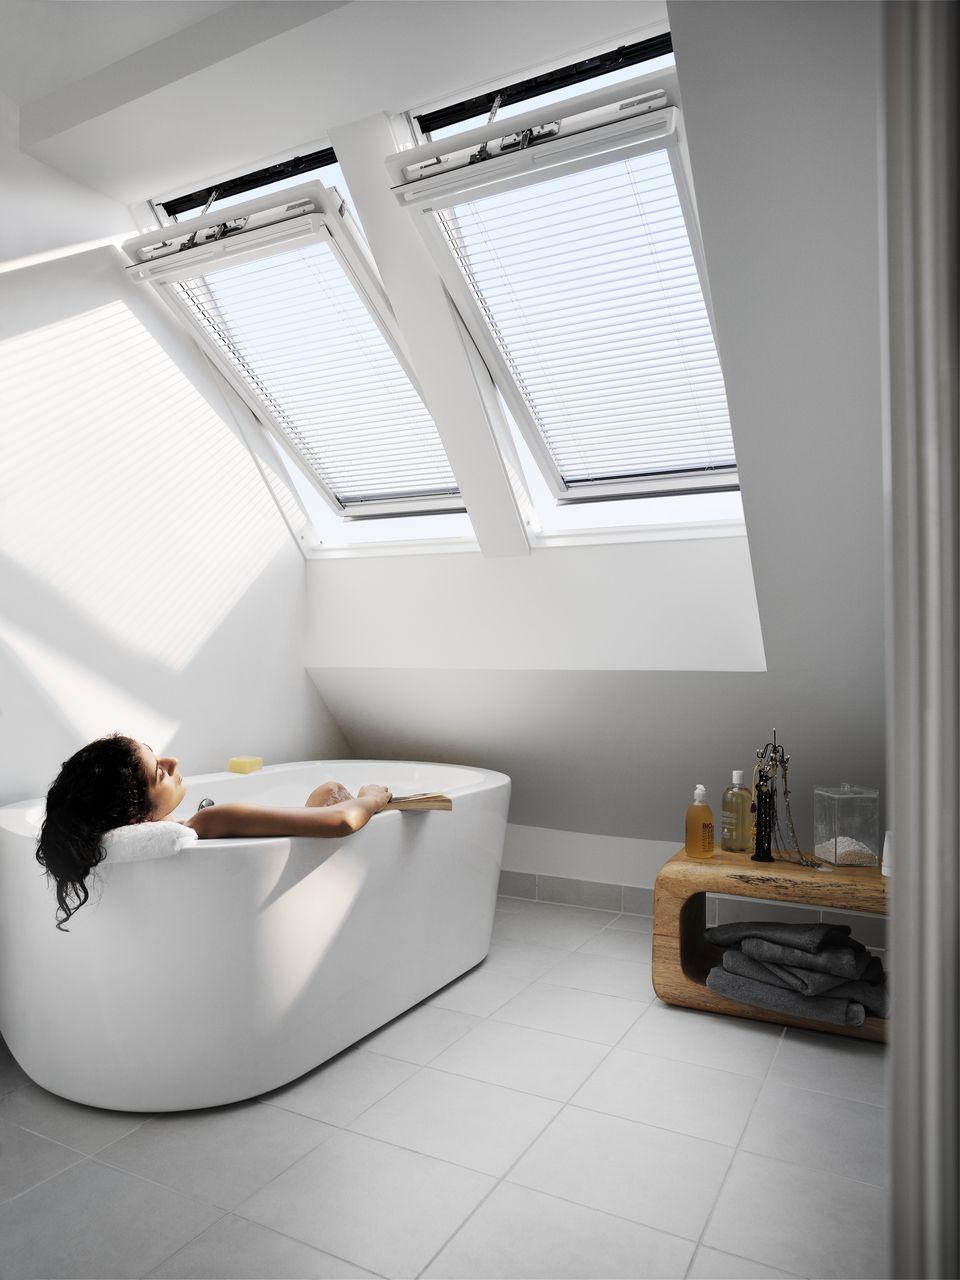 Elektrische Dachfenster Mit Solar Velux Integra Dachfenster Dachformen Pavillon Dach